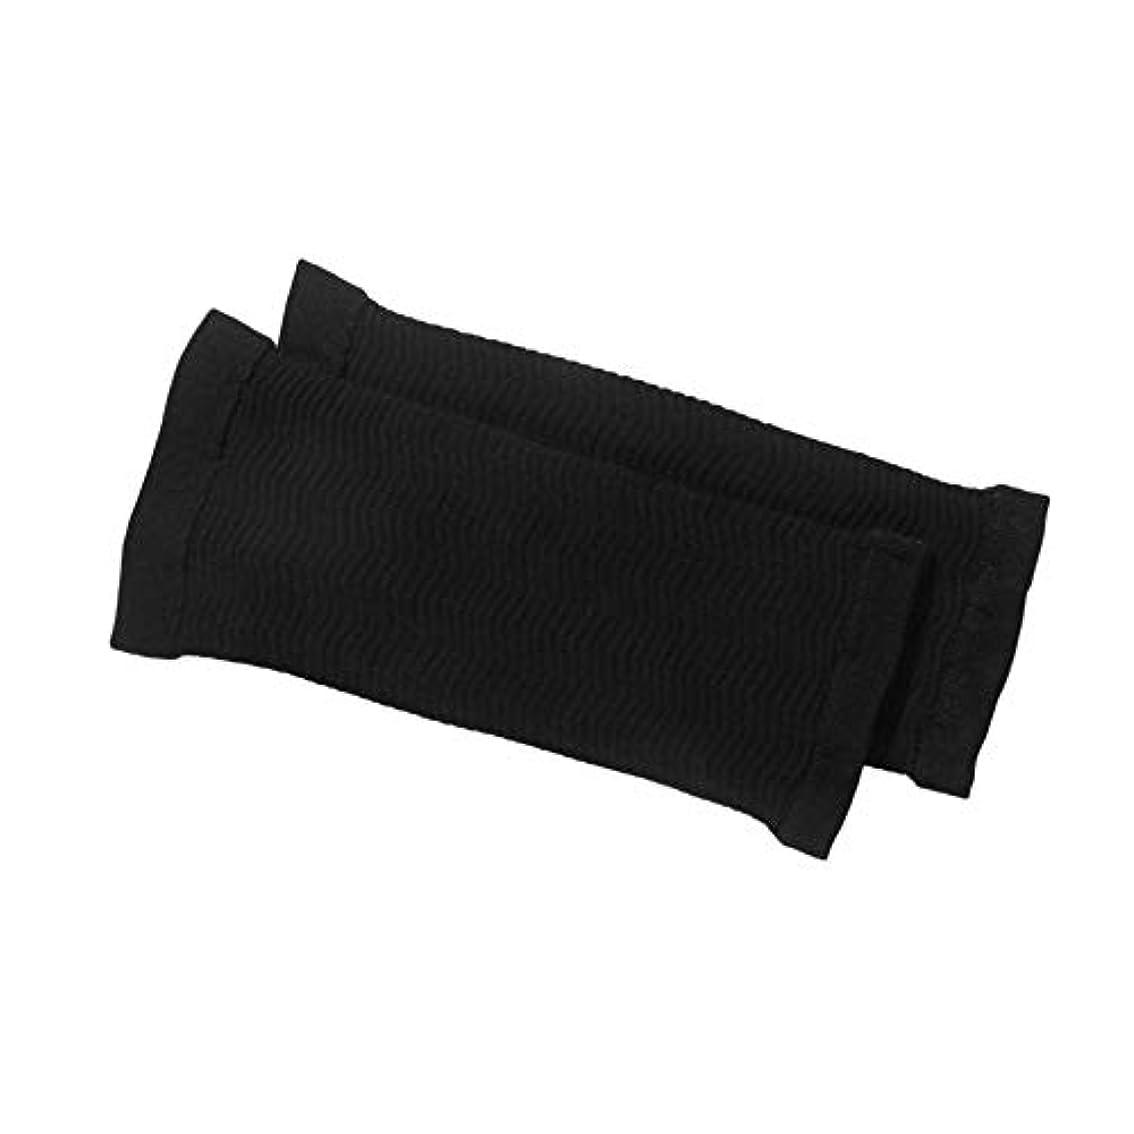 降雨効能あるパーセント1ペア420 D圧縮痩身アームスリーブワークアウトトーニングバーンセルライトシェイパー脂肪燃焼袖用女性 - 黒